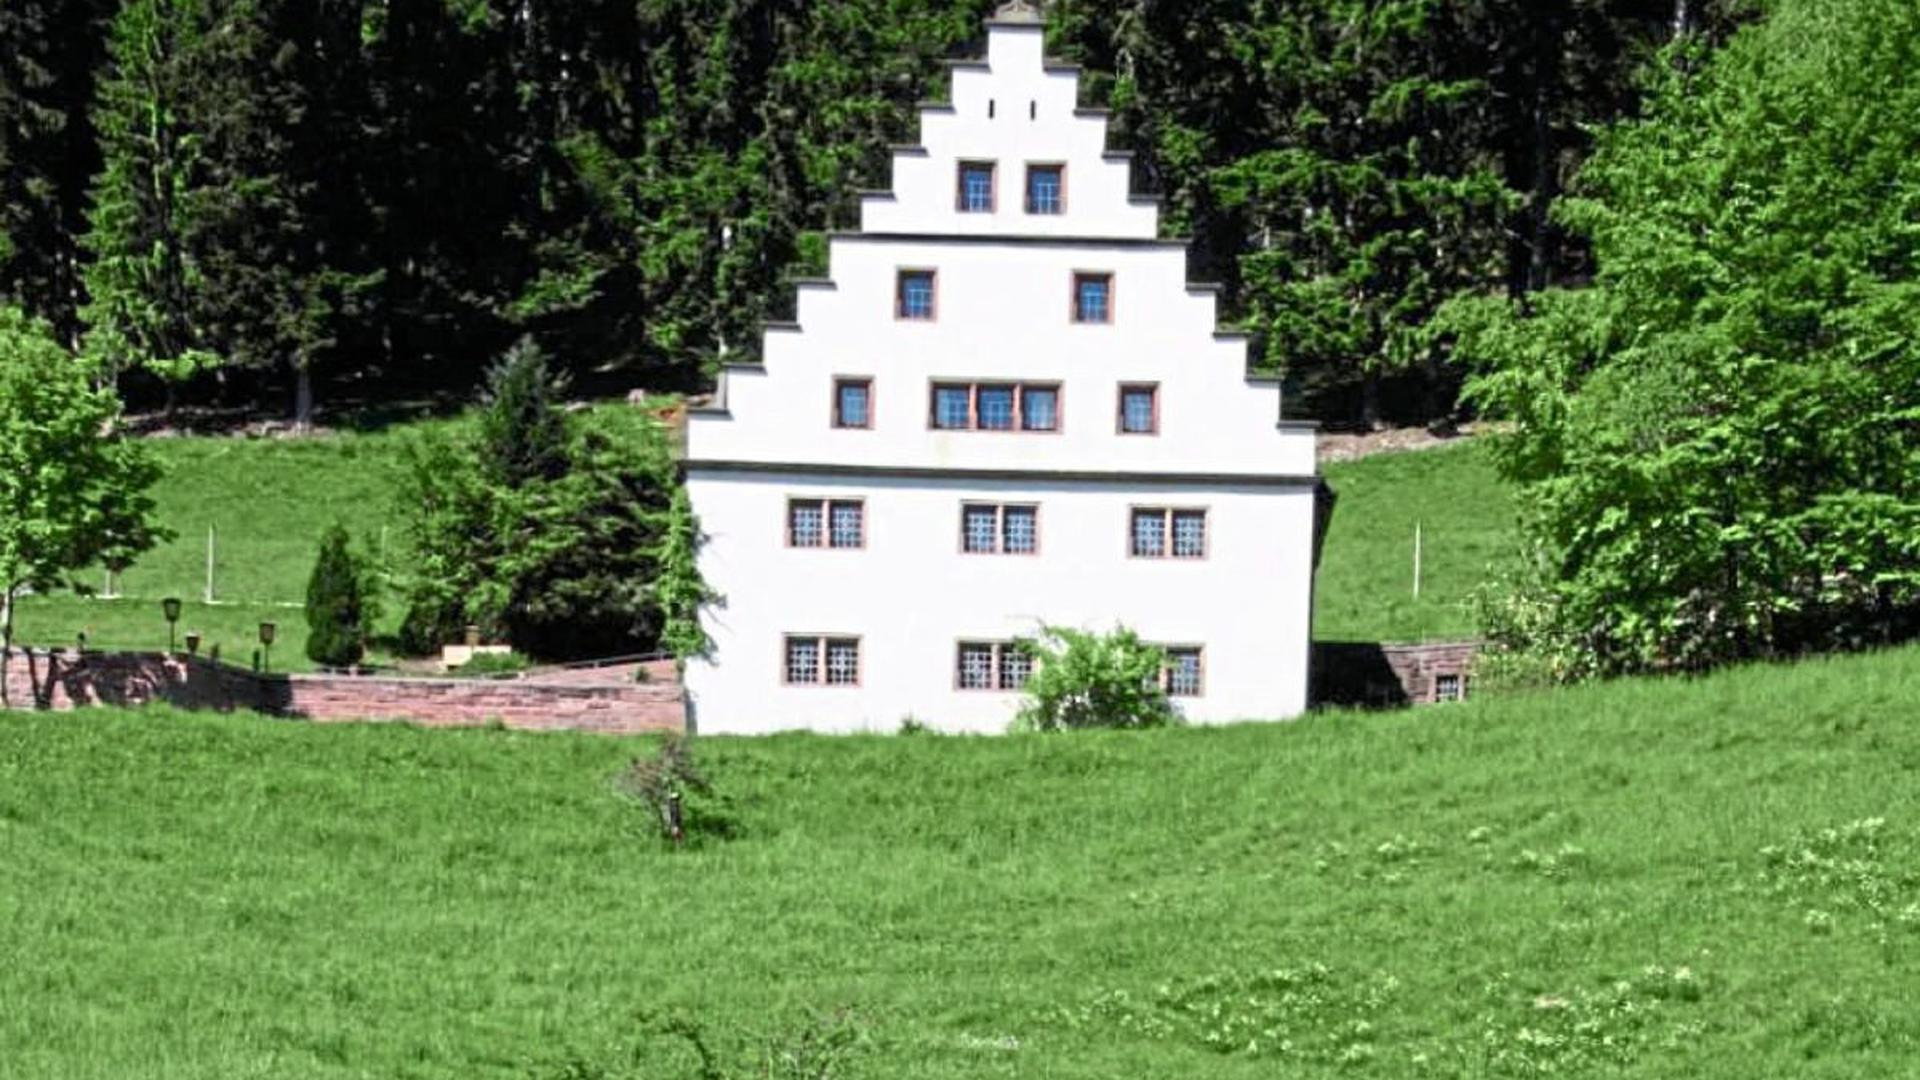 Das historische Bärenschlössle im Christophstal ist einer der Schwerpunkte im Konzept für die Gartenschau 2025 in Freudenstadt und Baiersbronn